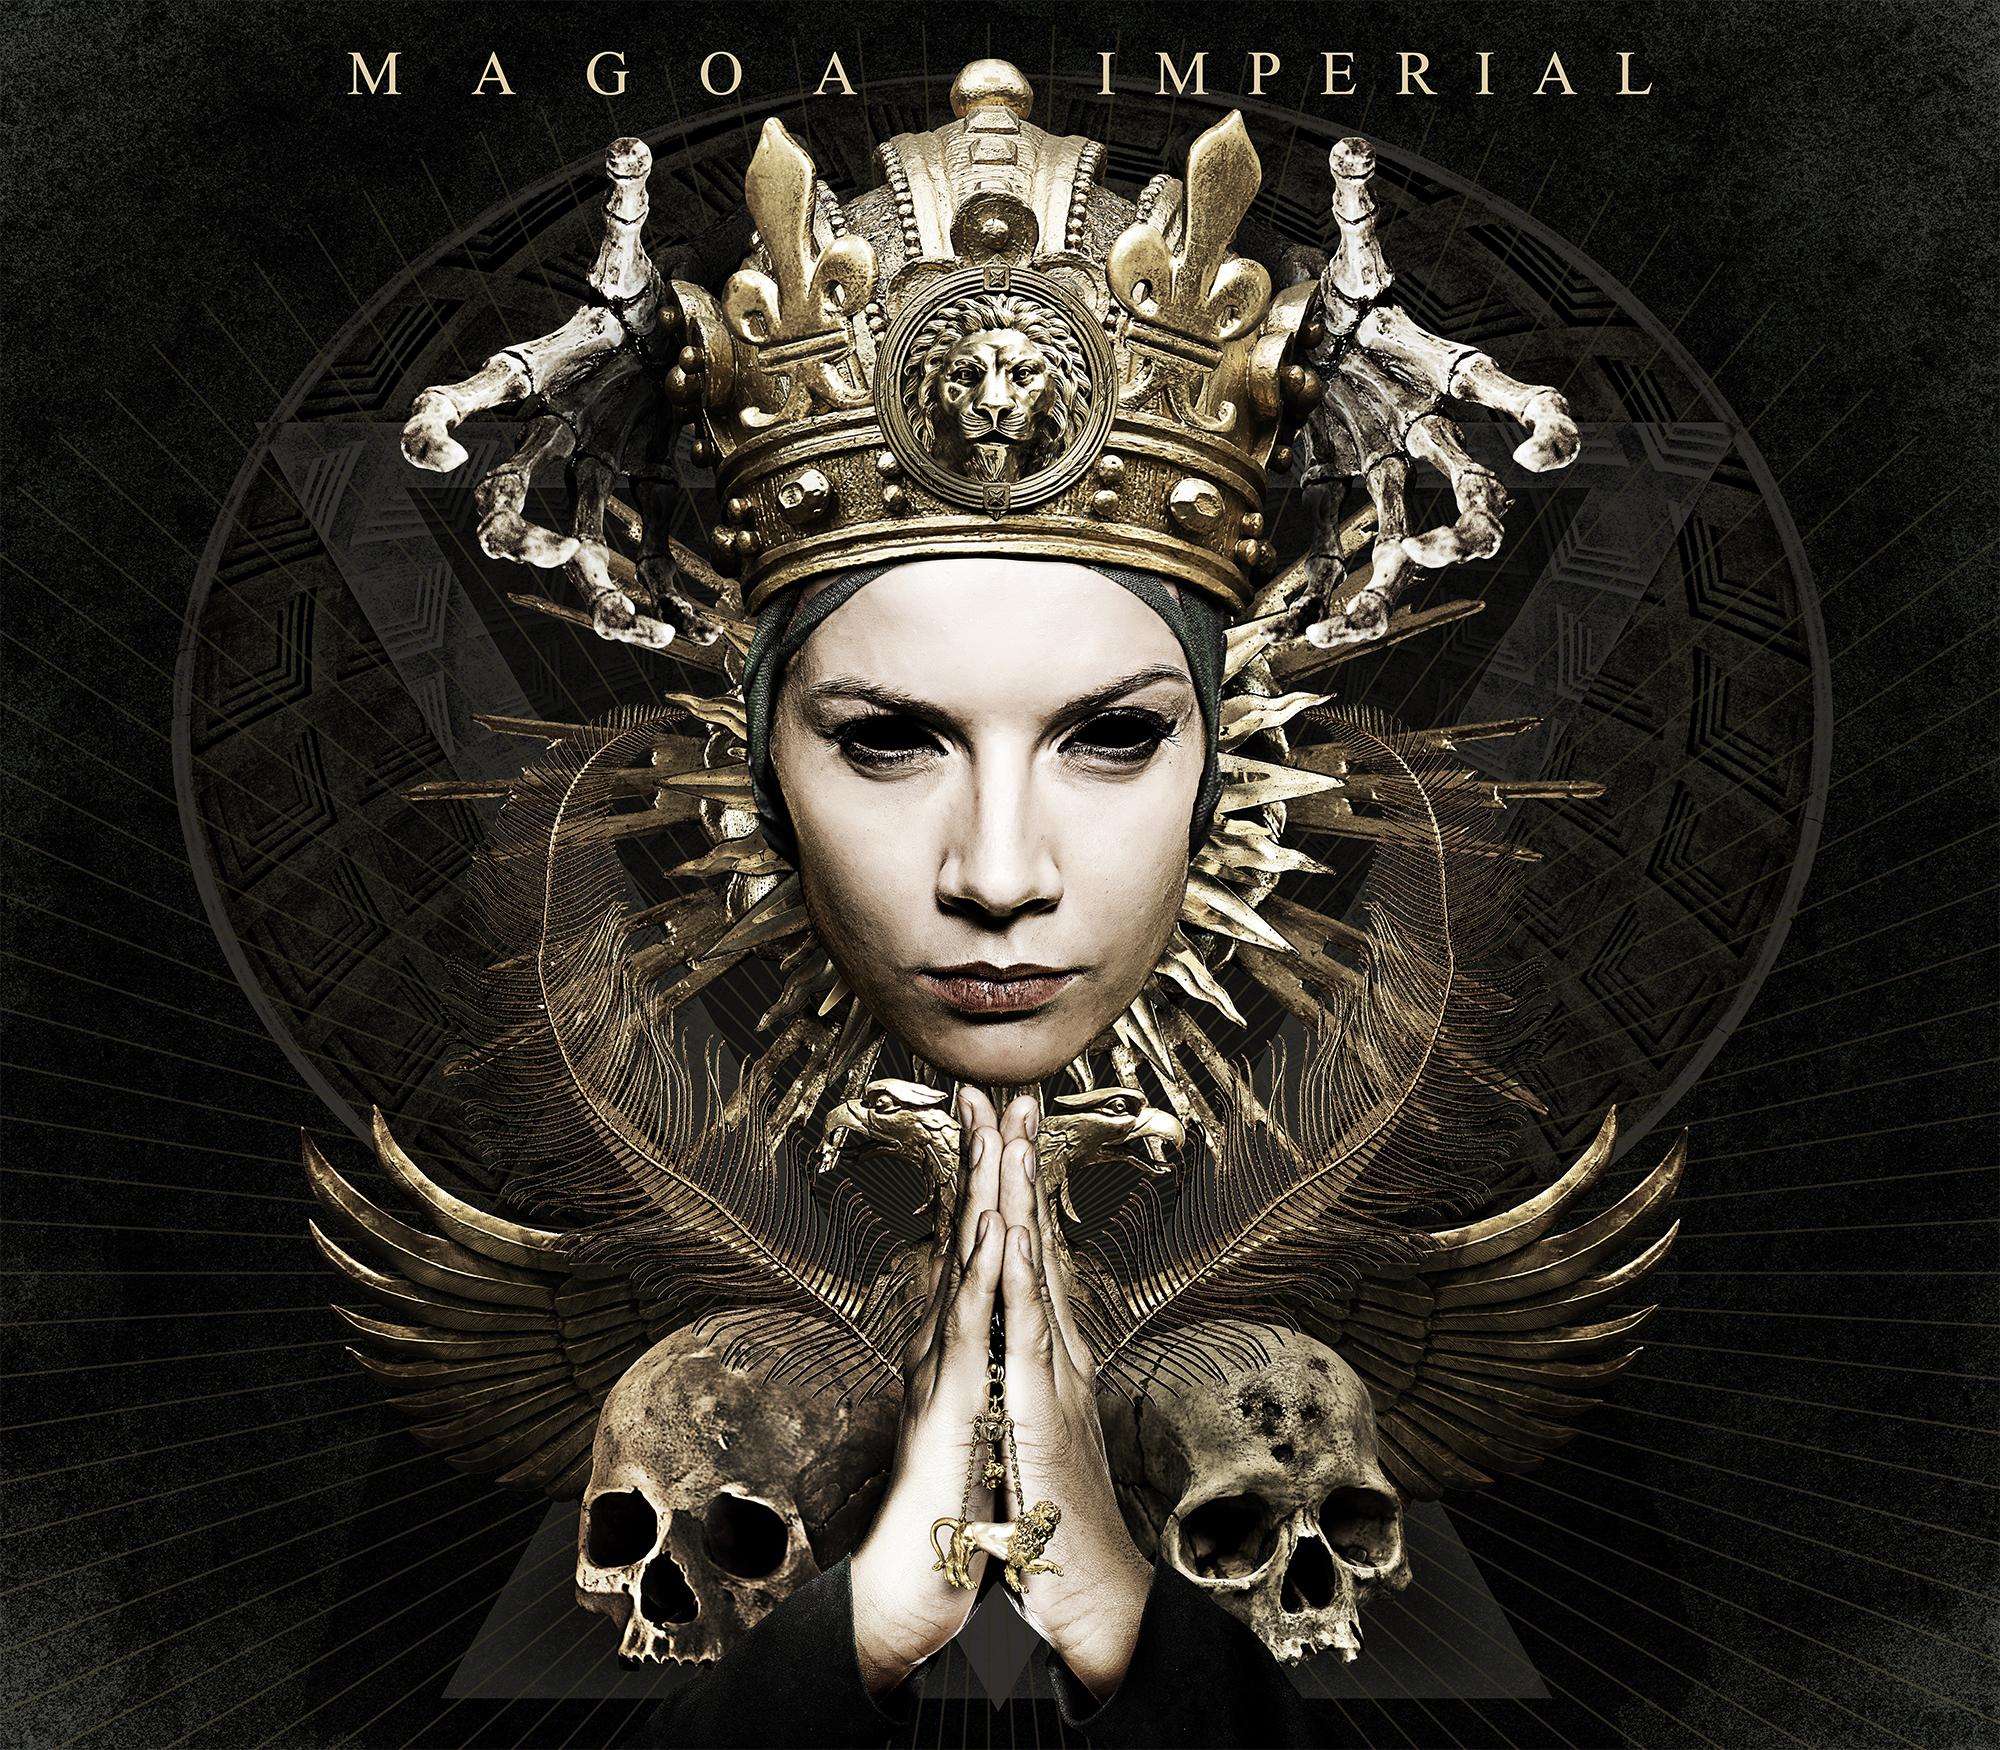 imperial-magoa